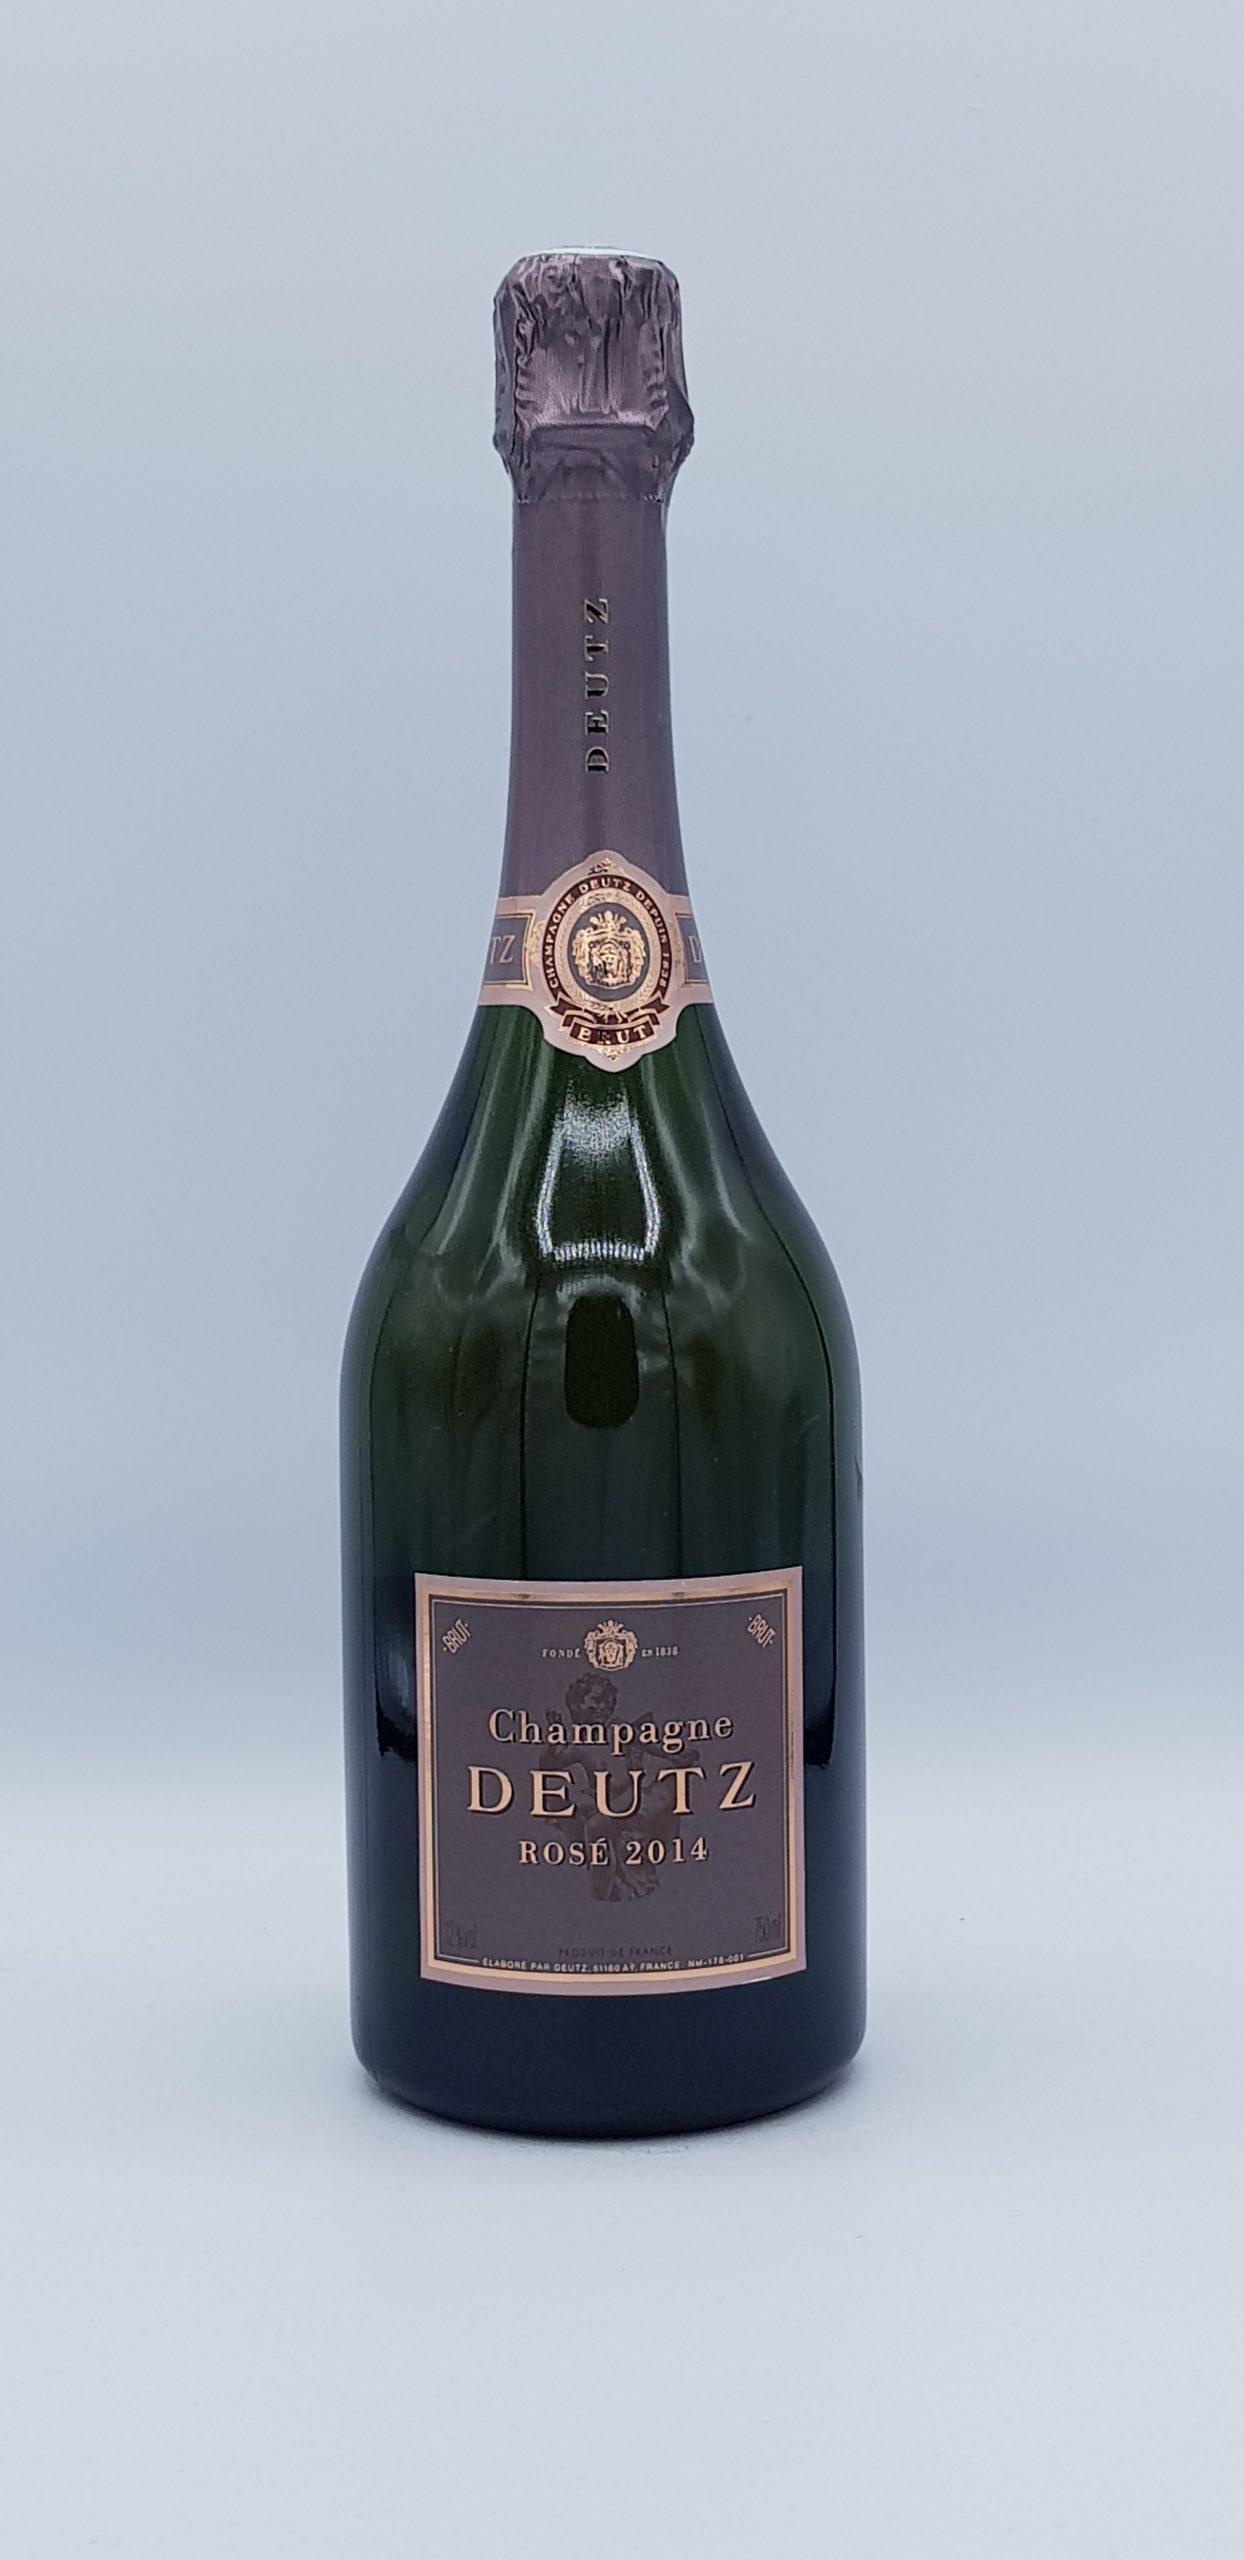 Champagne Deutz  Millesime 2014 Rosé